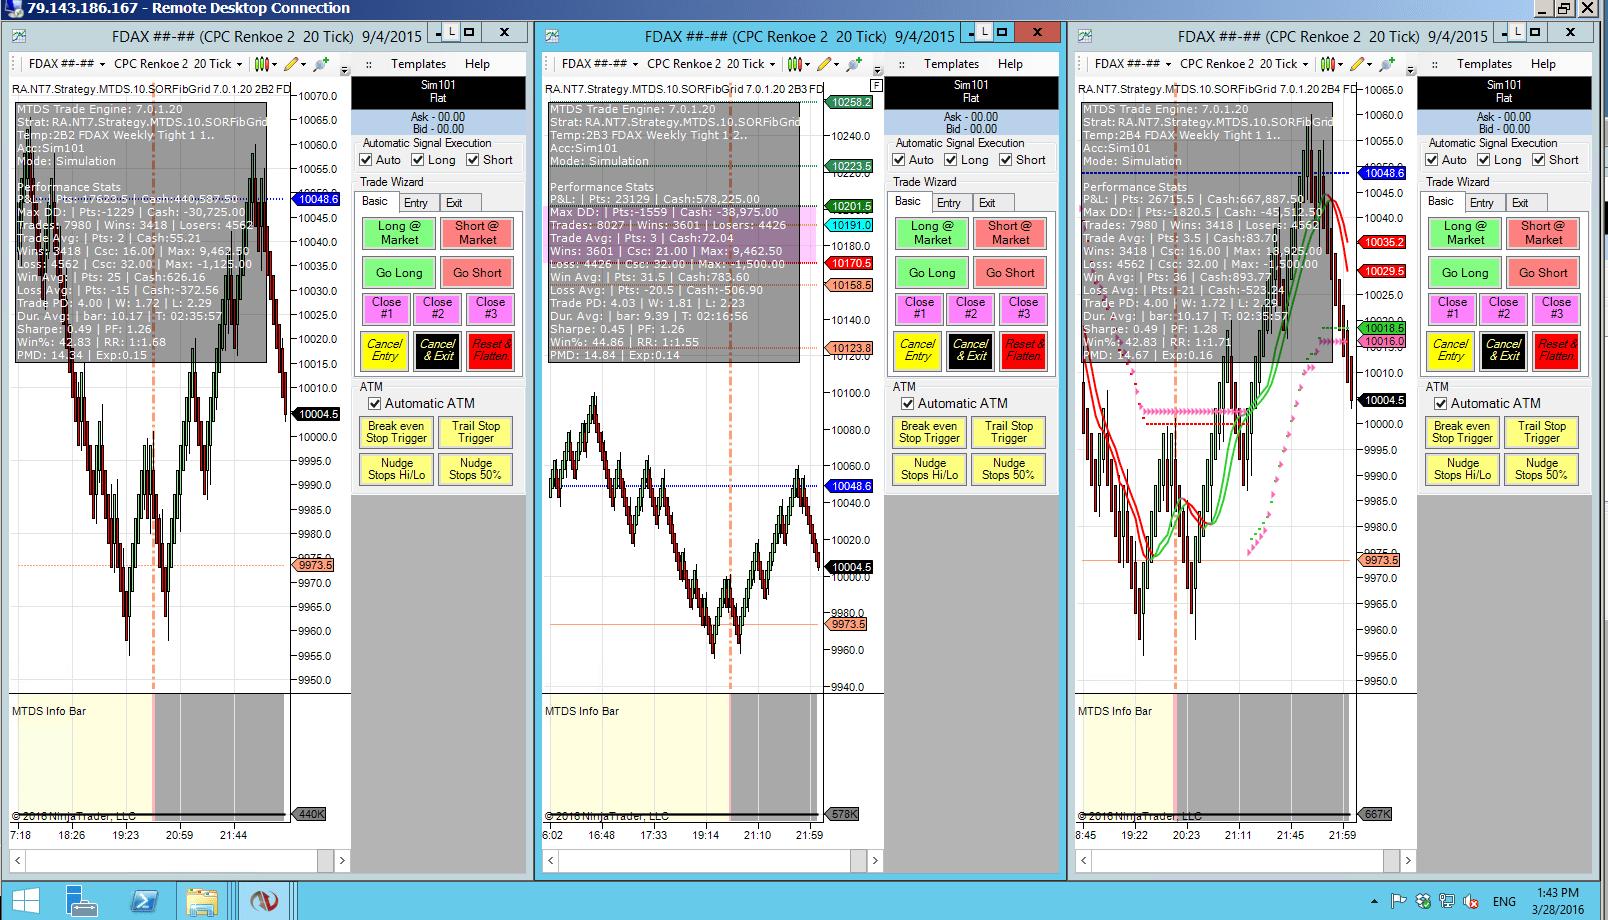 0d5a3880-fb3b-446b-a415-4f9d76763662